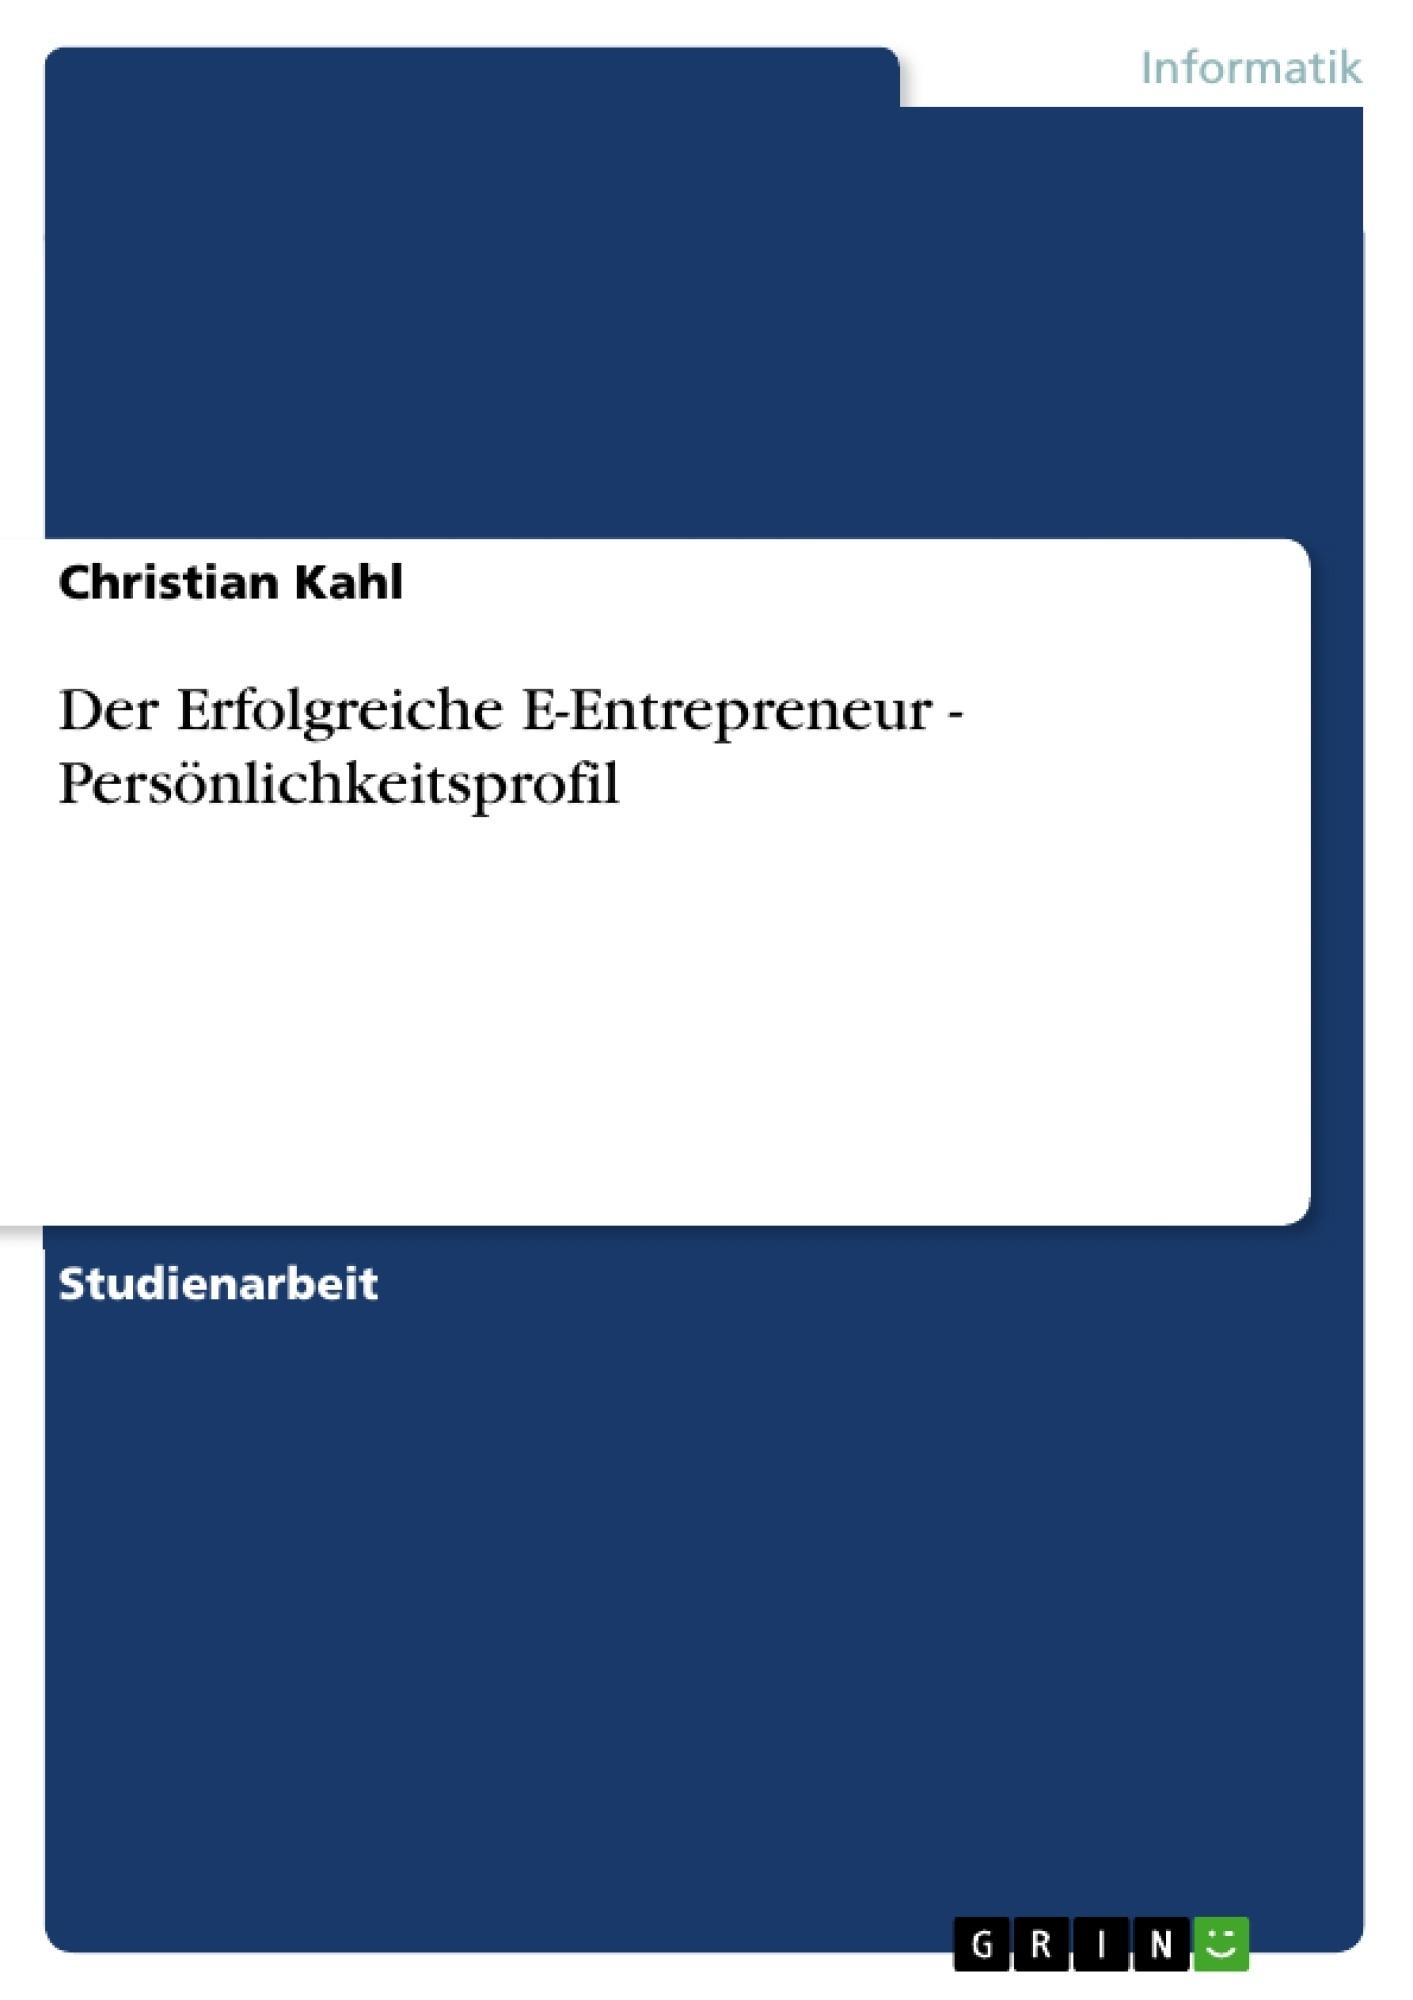 Titel: Der Erfolgreiche E-Entrepreneur - Persönlichkeitsprofil